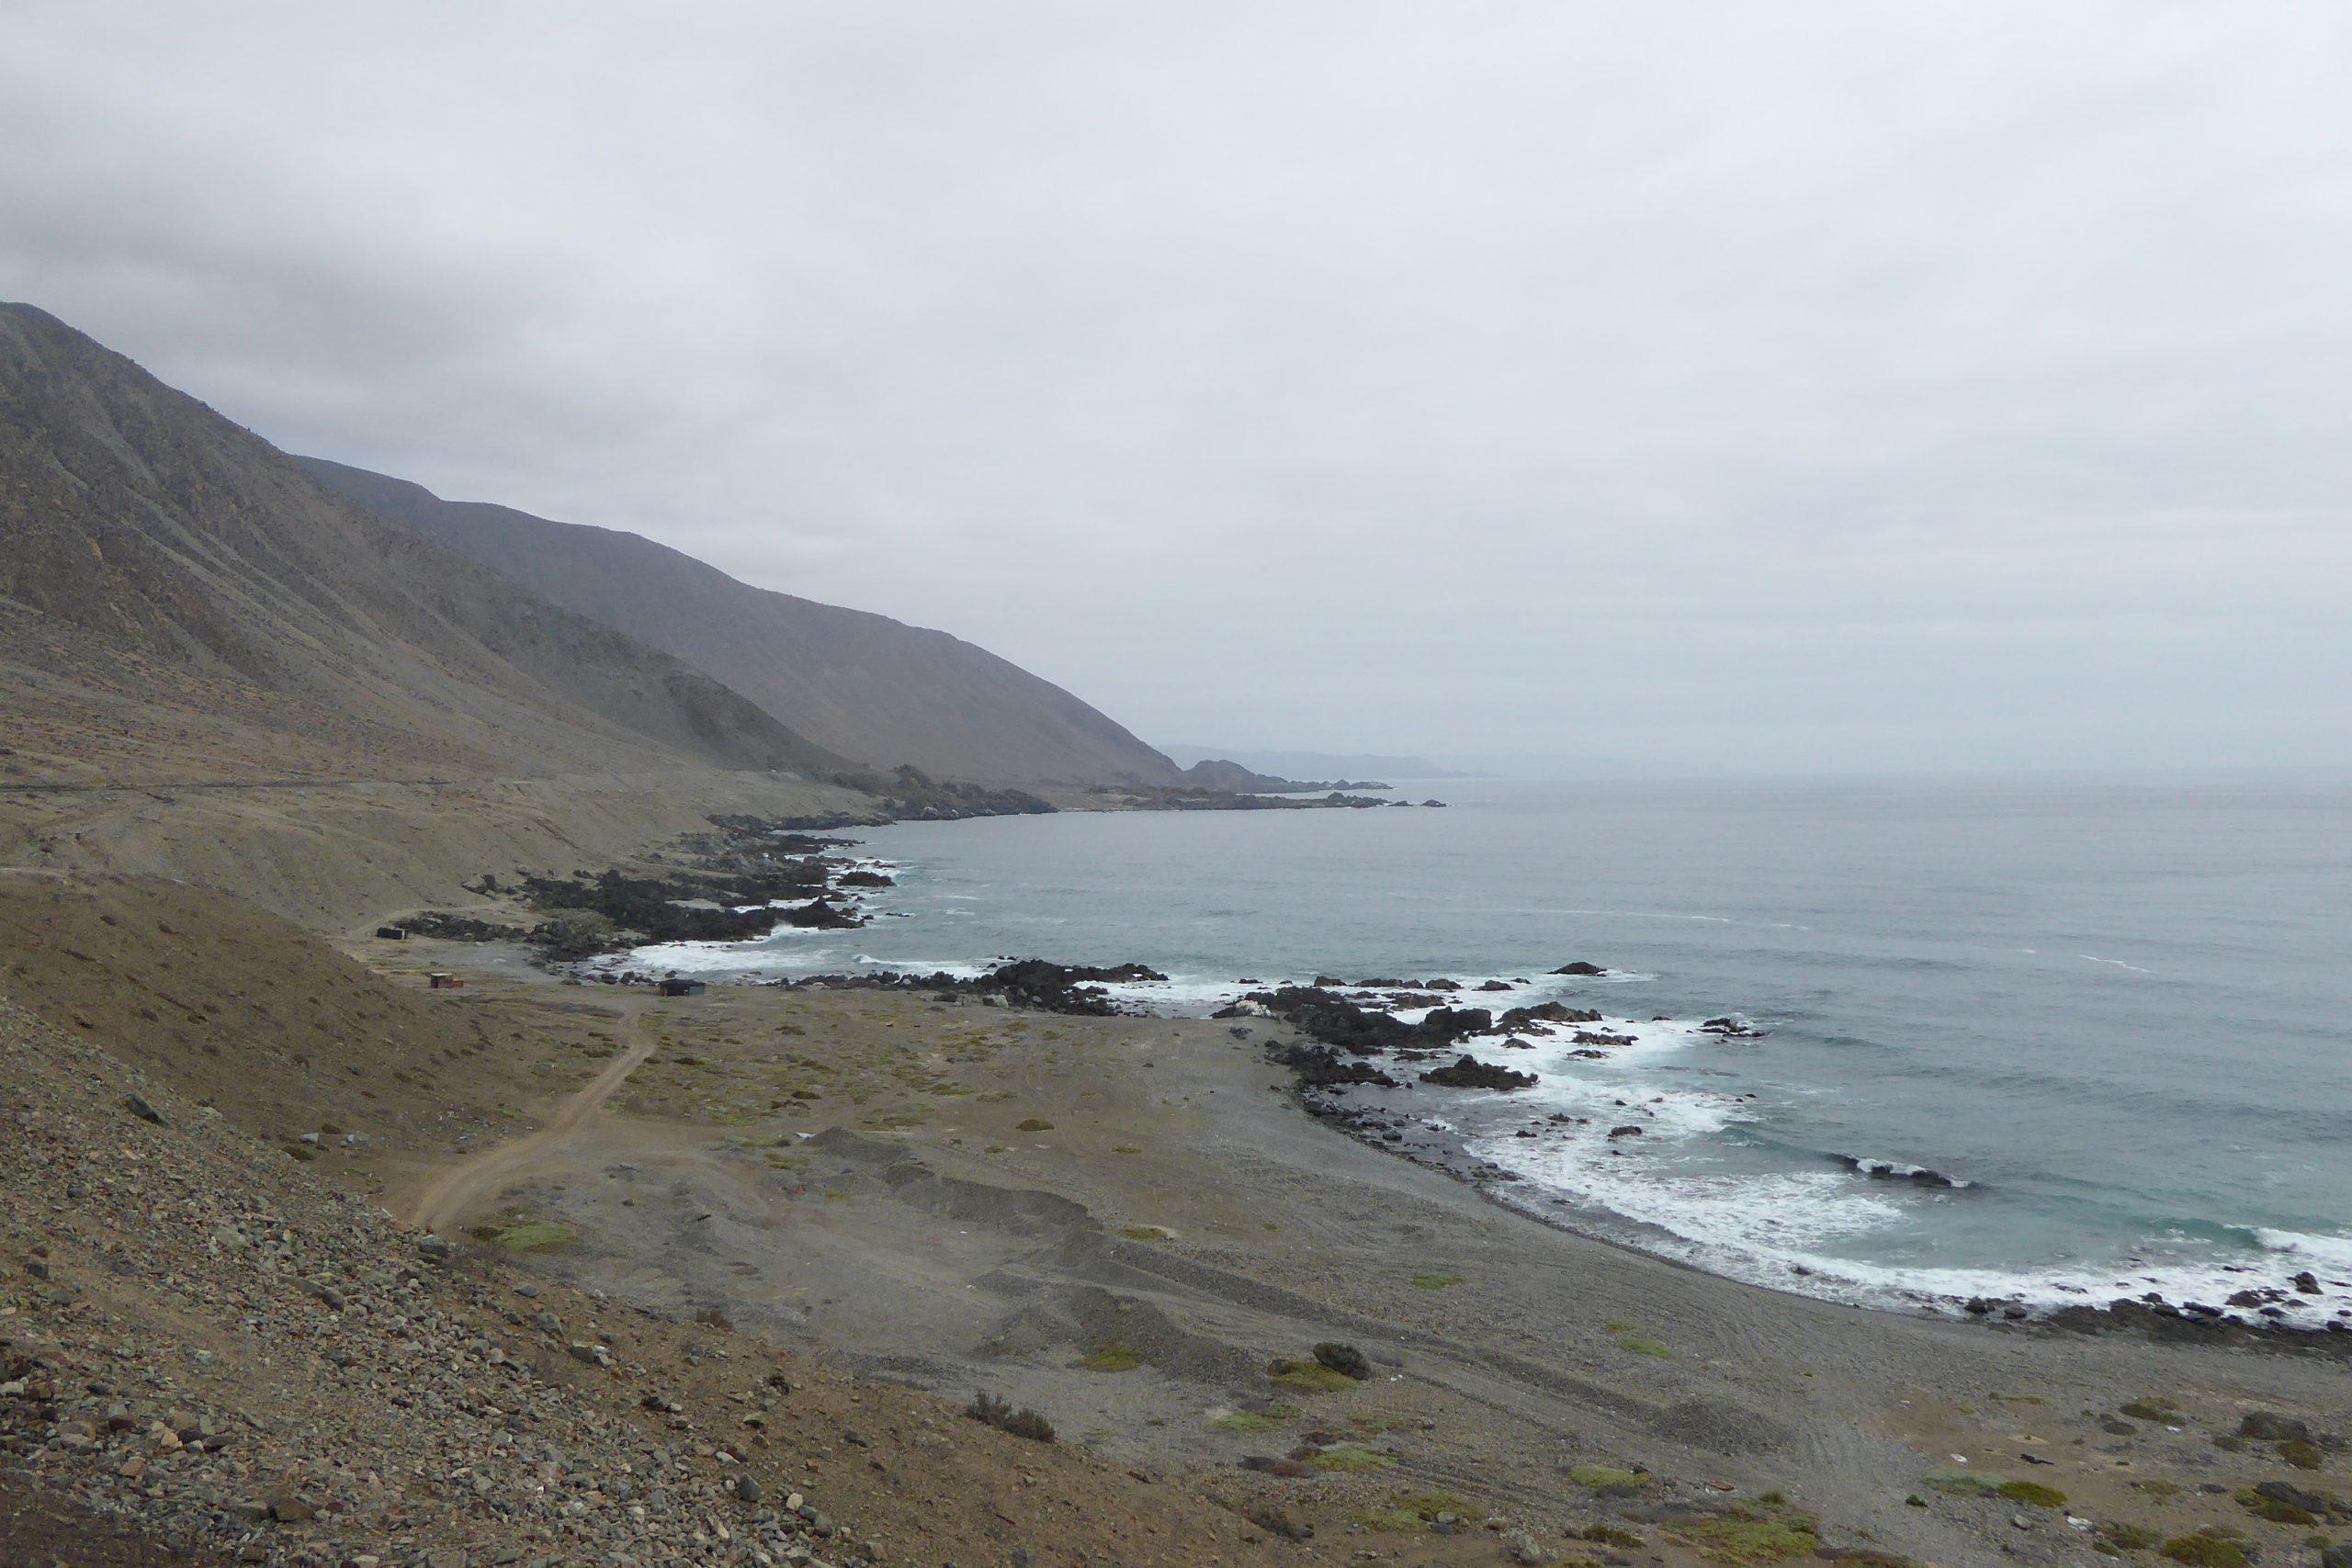 Radreise Südamerika 2019 - RN 1 an der Pazifikküste